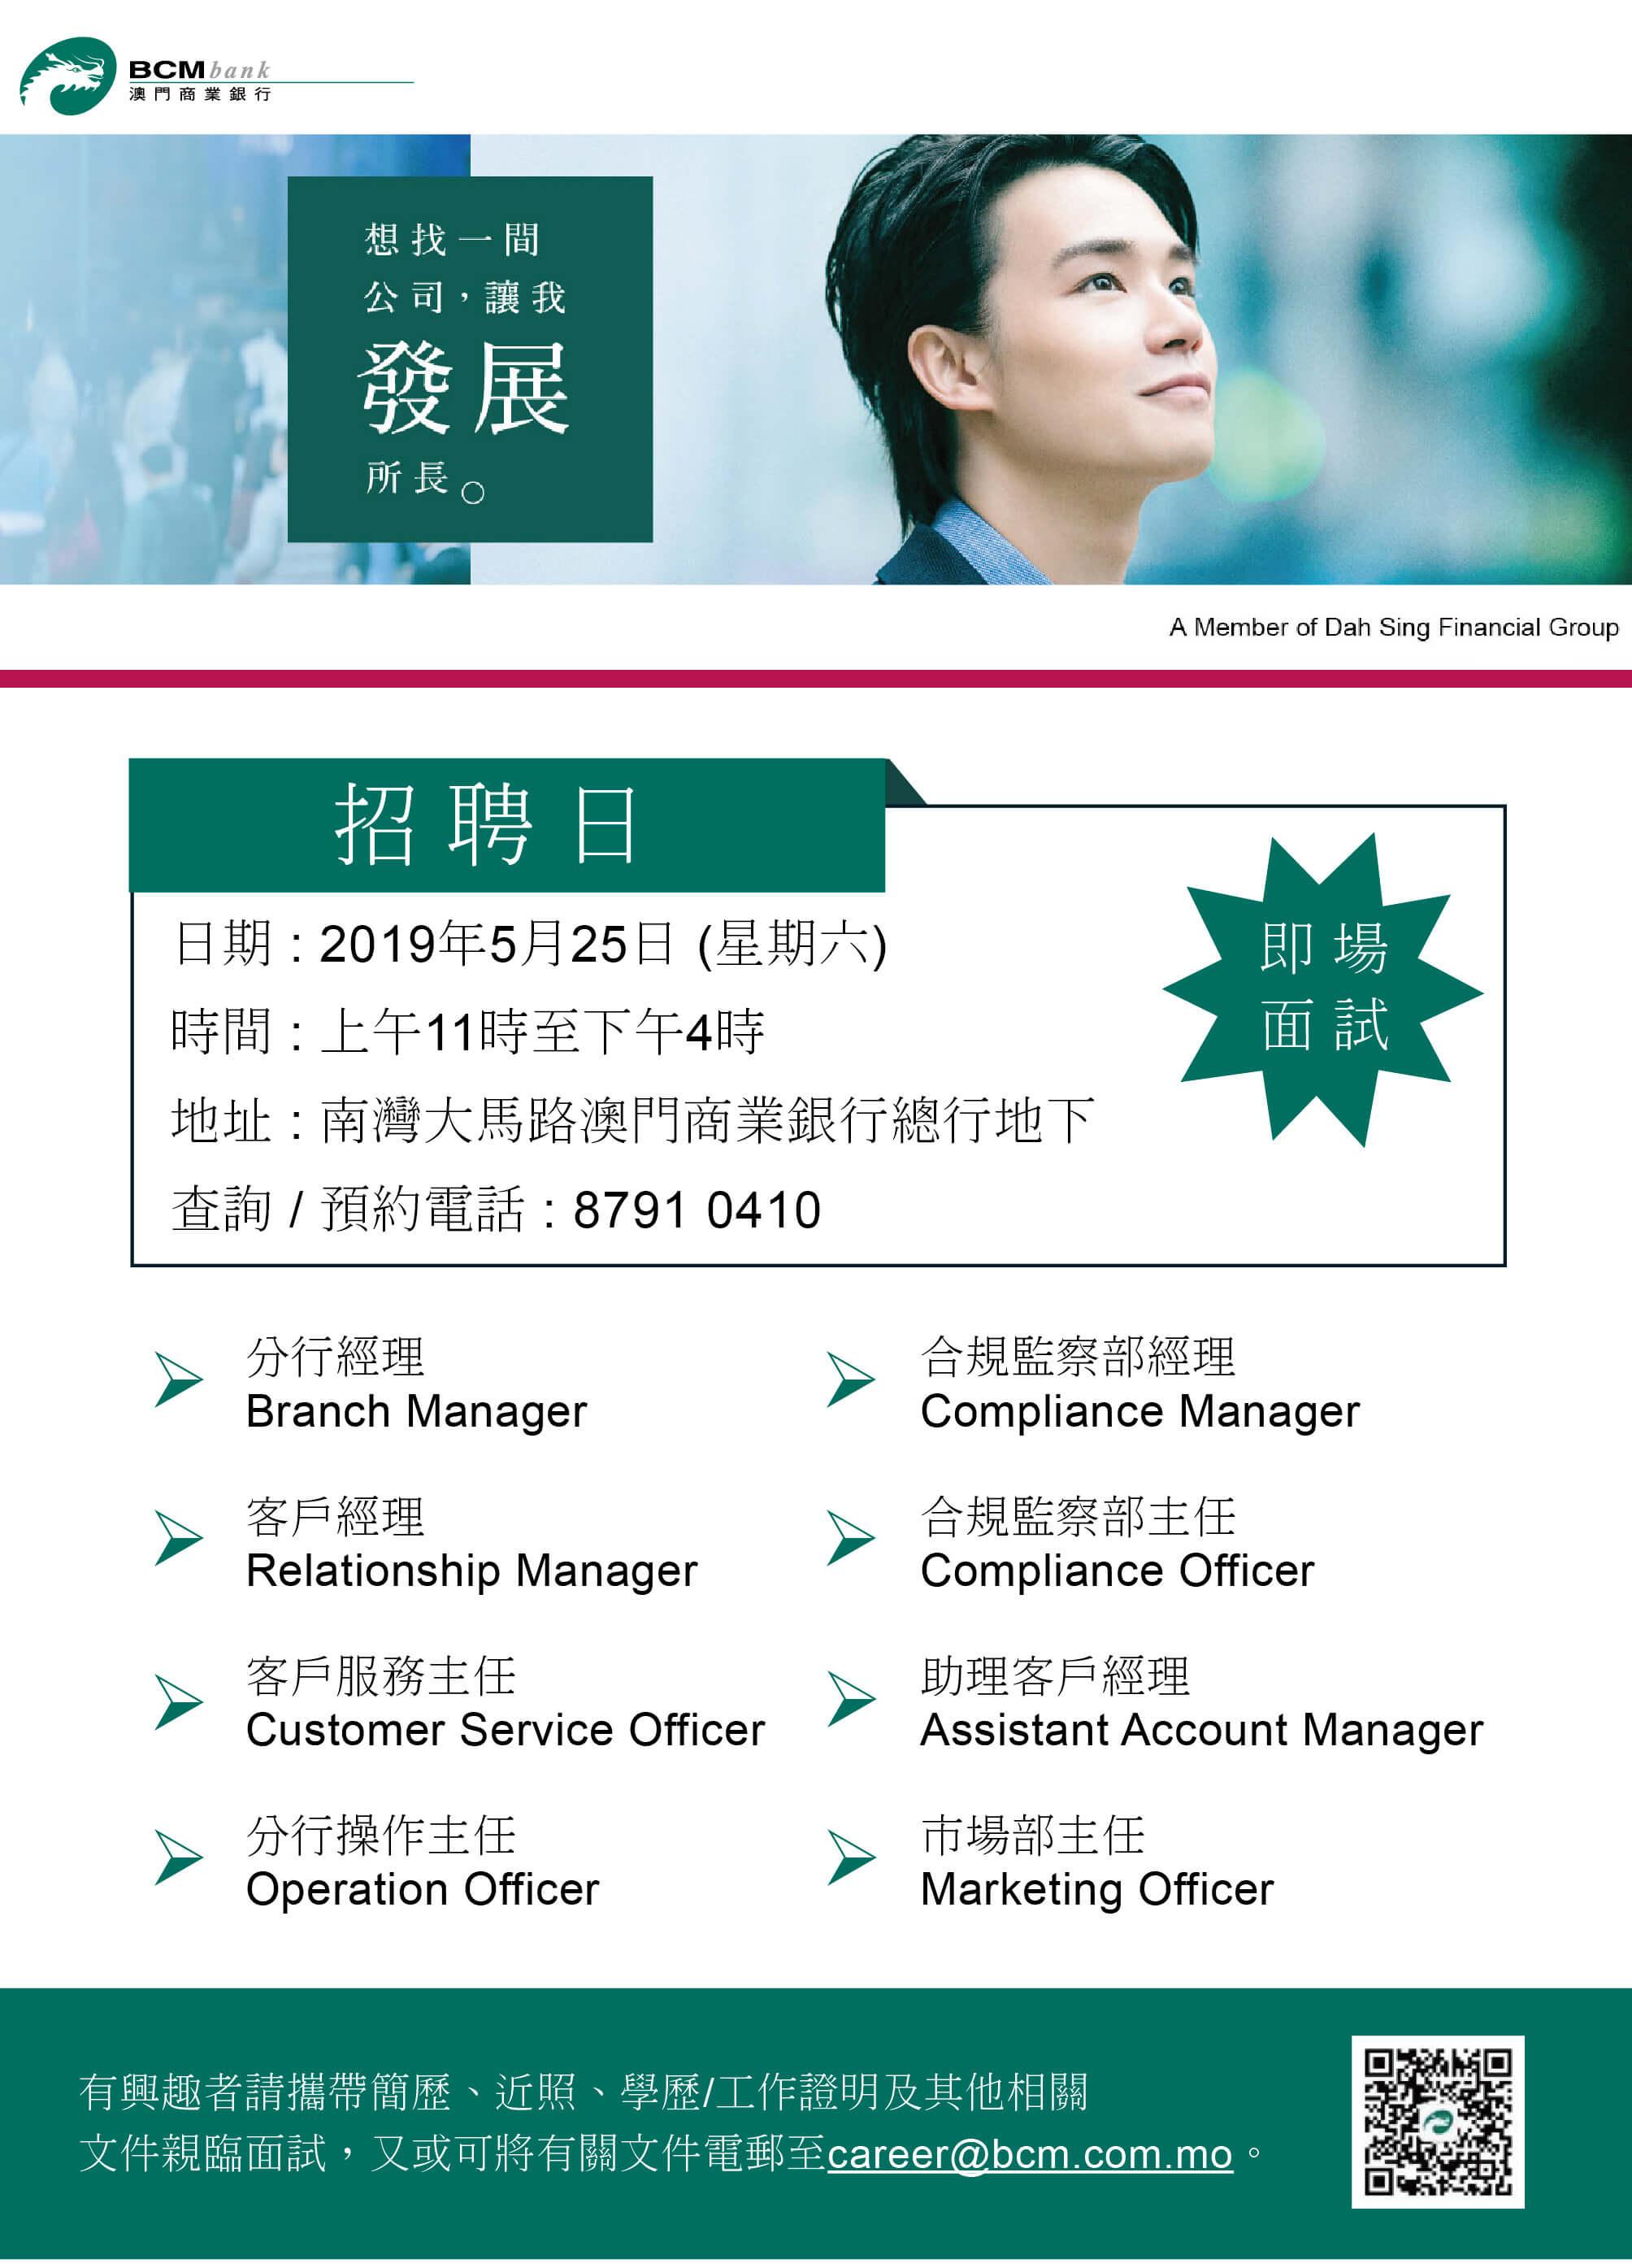 澳門商業銀行招聘日 jobscall.me.jpg